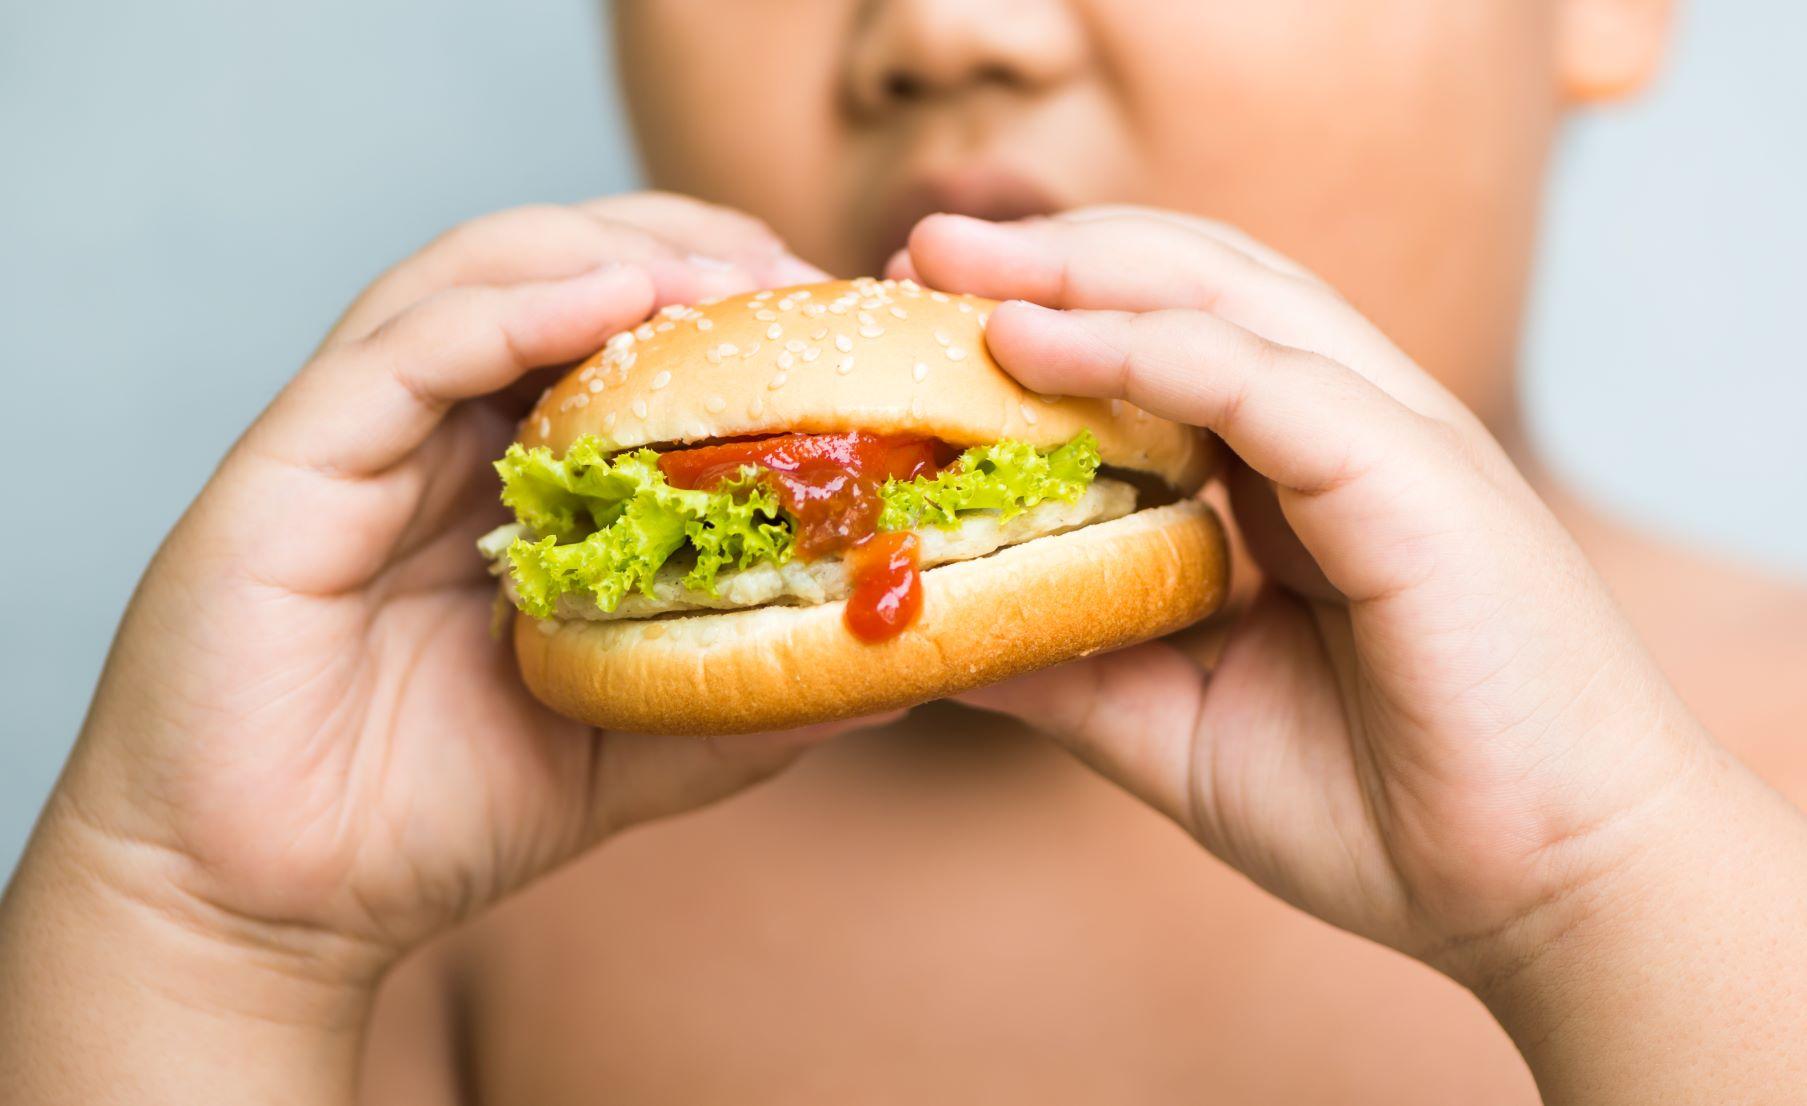 แนะช่วงปิดเทอมเลี่ยงอาหารที่มีแป้ง ไขมัน ลดภาวะอ้วนในเด็ก thaihealth